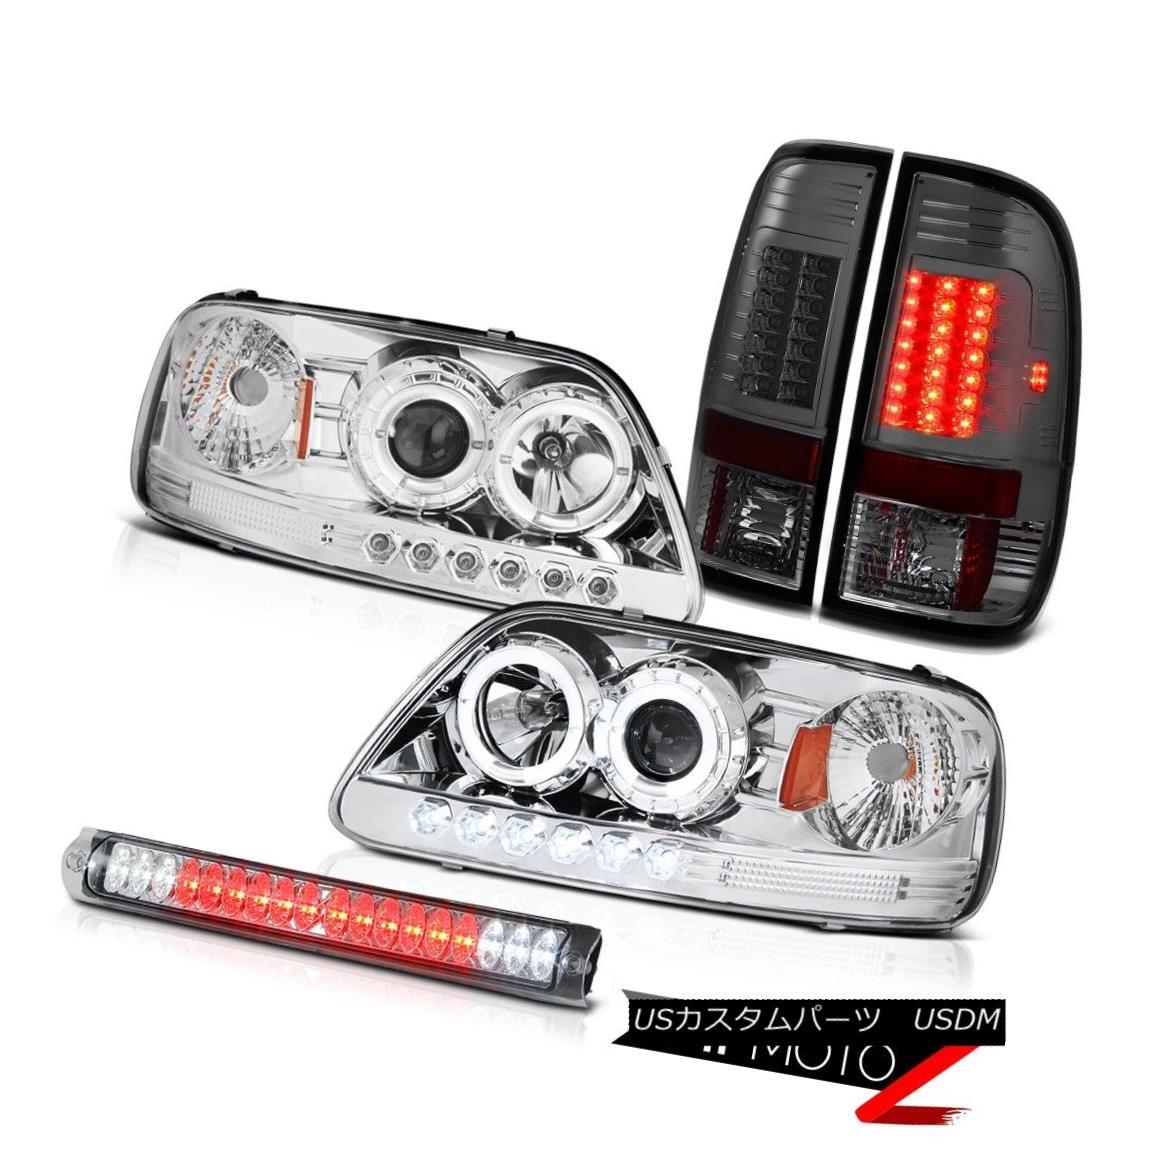 ヘッドライト Chrome Halo LED Headlights Tail Light Tinted 3rd Brake Lamp F150 Lightning 97-03 クロームハローLEDヘッドライトテールライト第3ブレーキランプF150ライトニング97-03